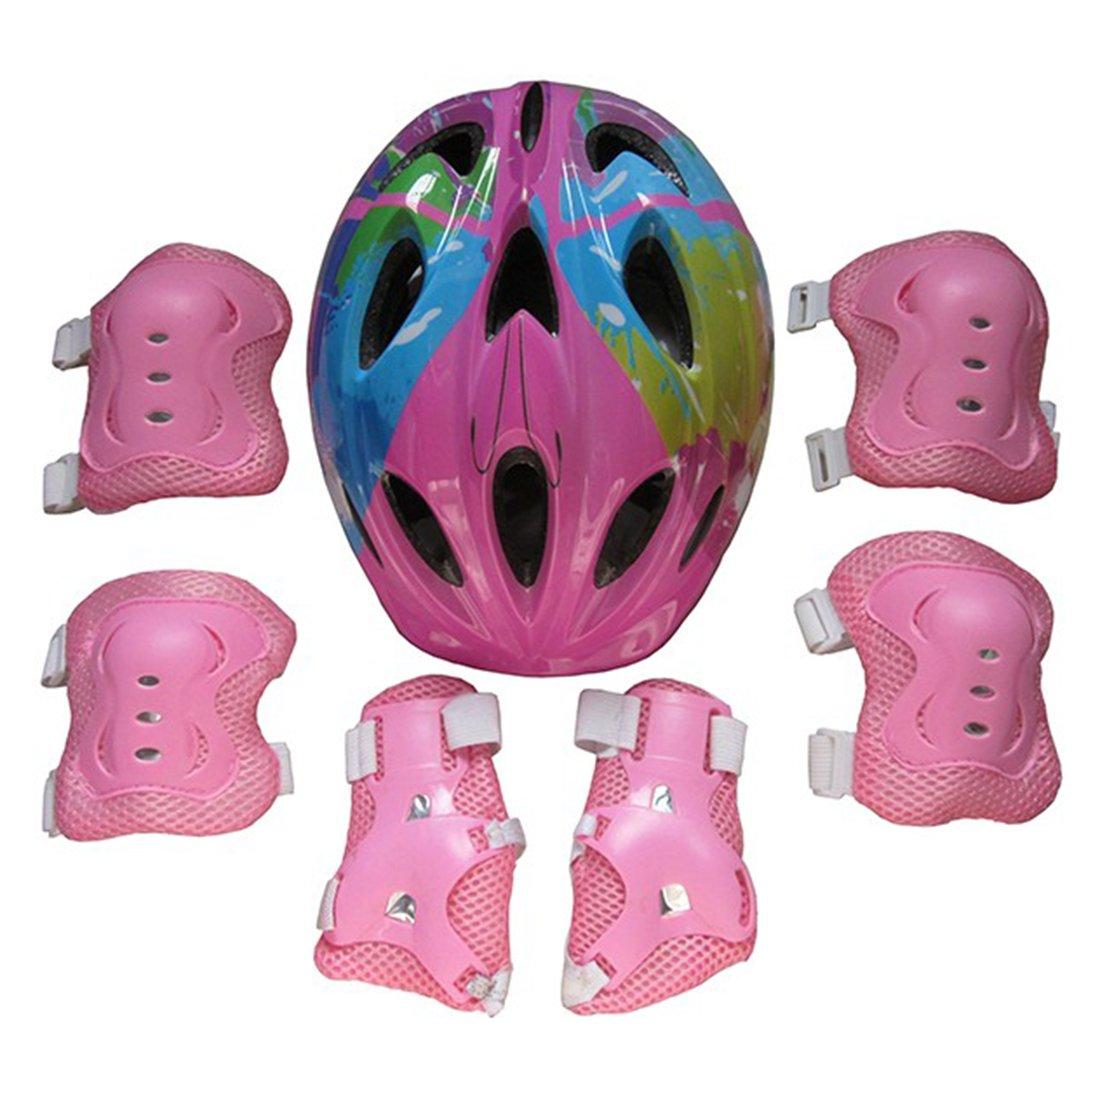 Giplar Enfants Sports é quipement de Protection 7 in 1 Kit pour Vé lo Bicyclette Skateboard BMX Roller Patinage (Genouillè res + Coudiè res + Coudiè res + Casque )